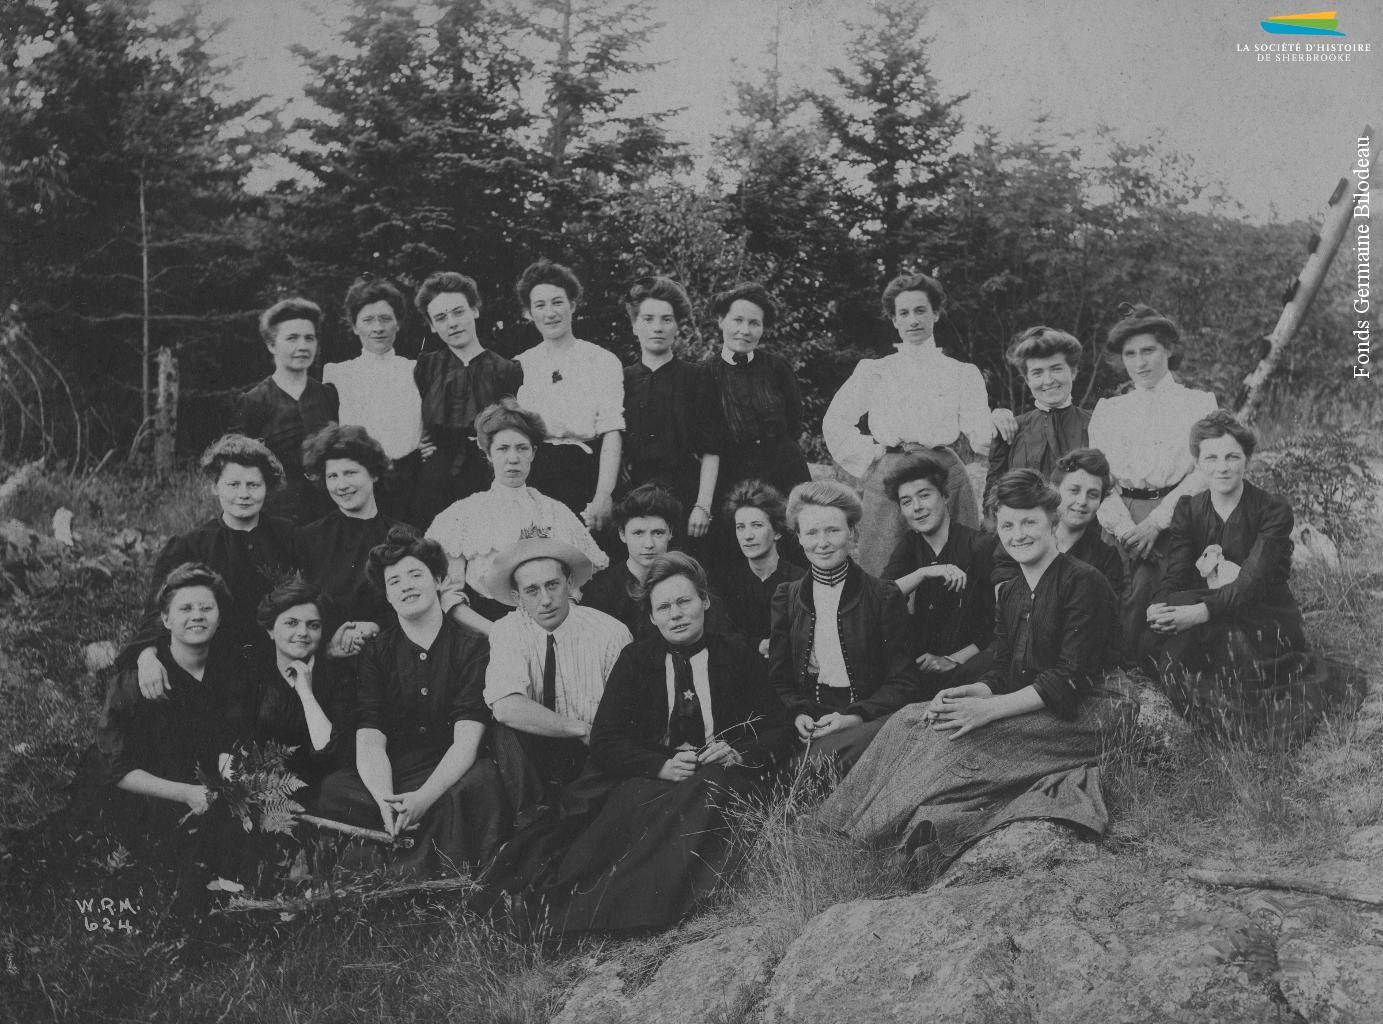 Des ouvrières de la Paton lors d'un voyage organisé au Massachusetts, vers 1900. Les patrons, ou encore des clubs sociaux financés par les compagnies, organisent fréquemment ce genre d'activités pour leurs employés.